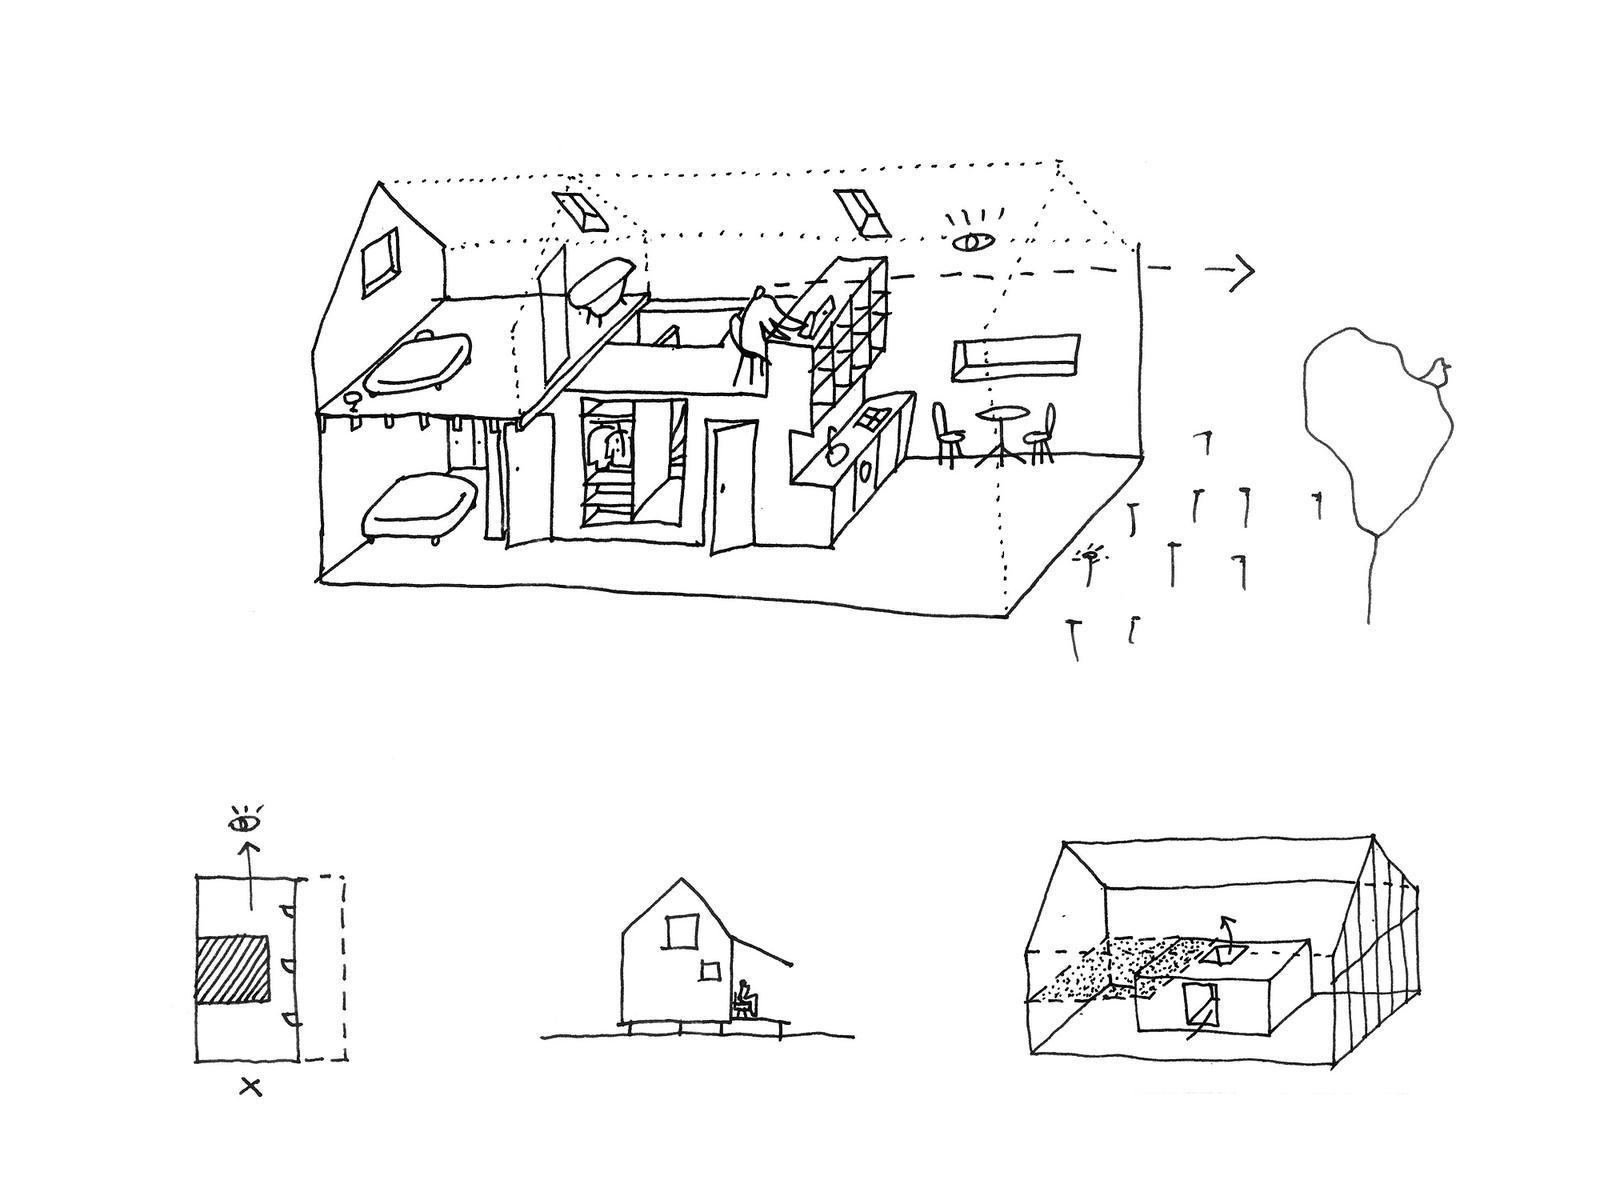 IST Family House / Jrkcv (1)